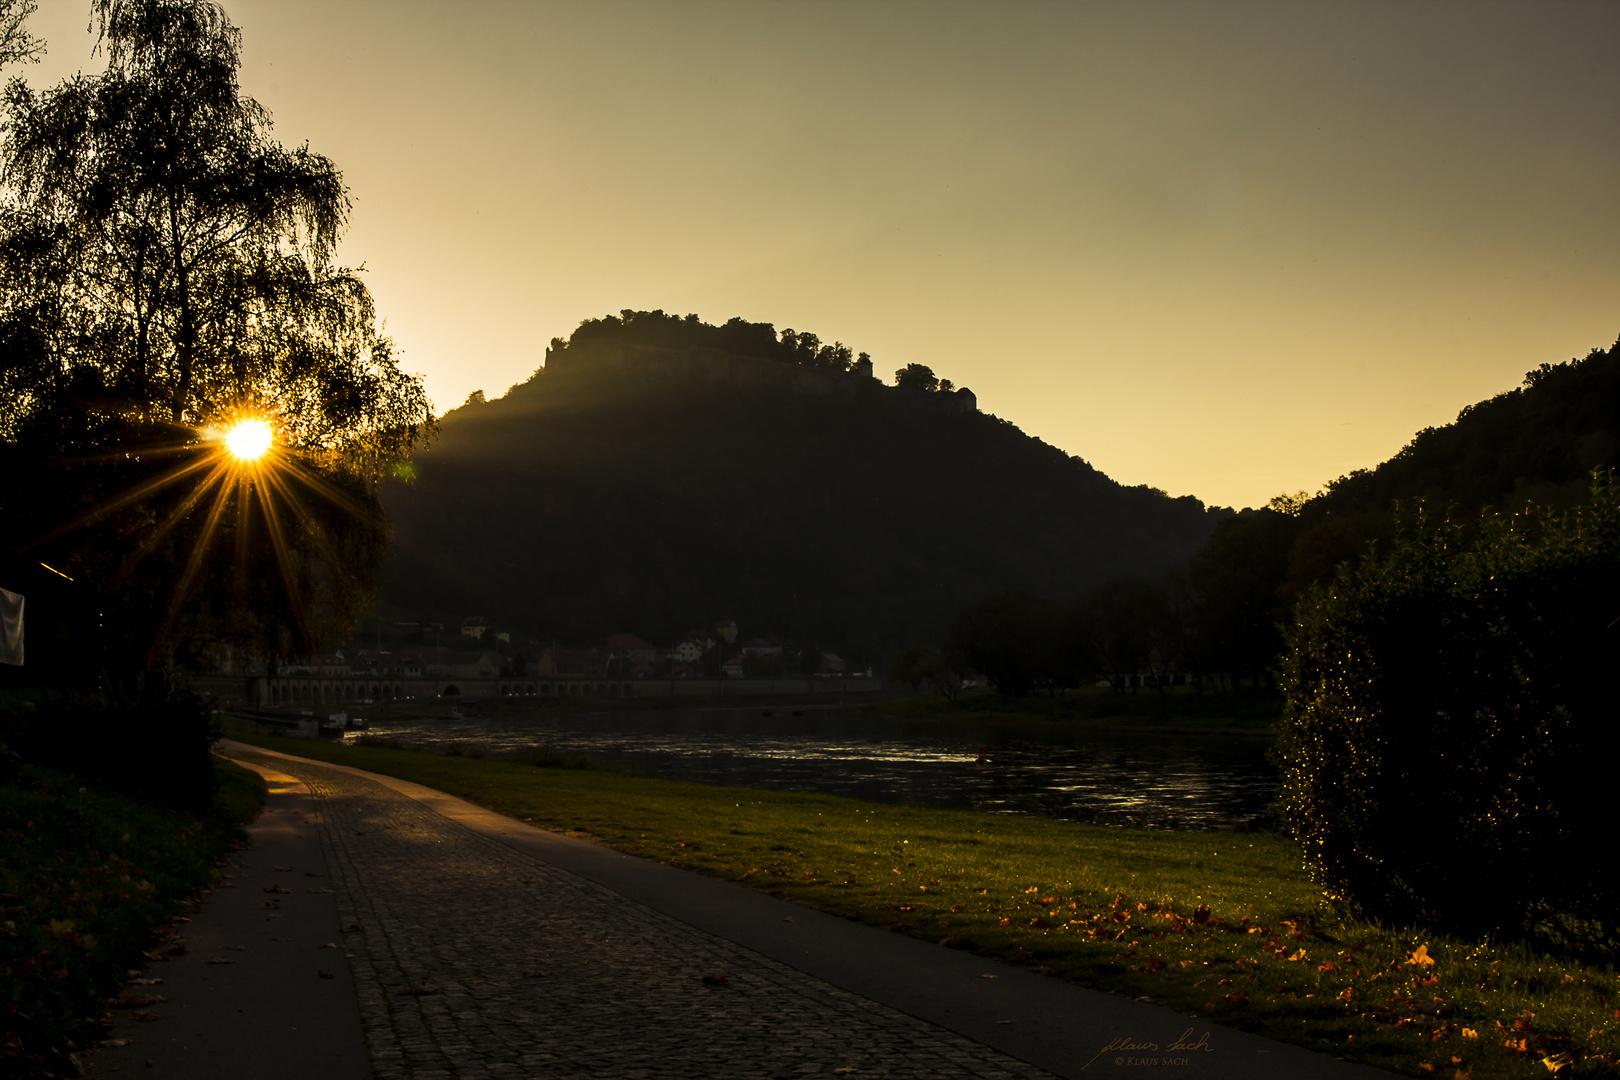 Sonnenuntergang in Königstein an der Elbe